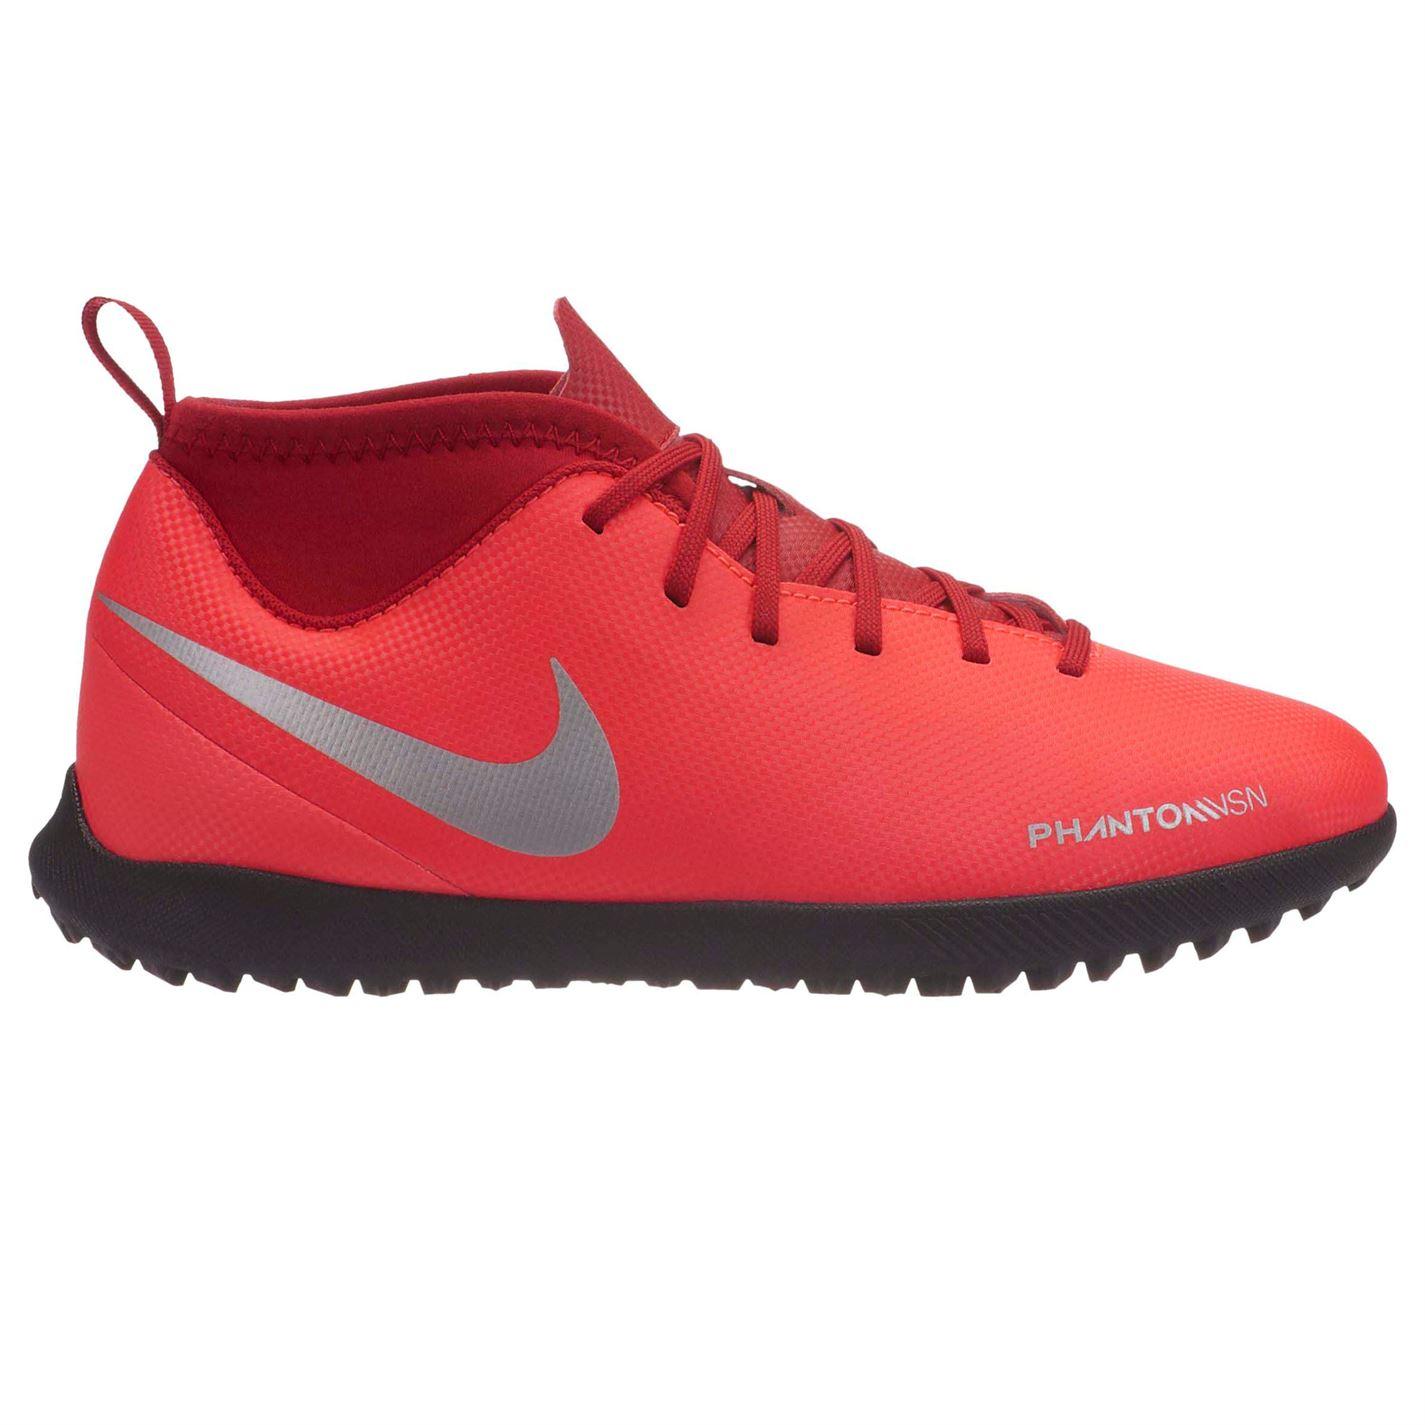 1a23bbc1846c boty Nike Phantom Vision Club DF dětské Astro Turf